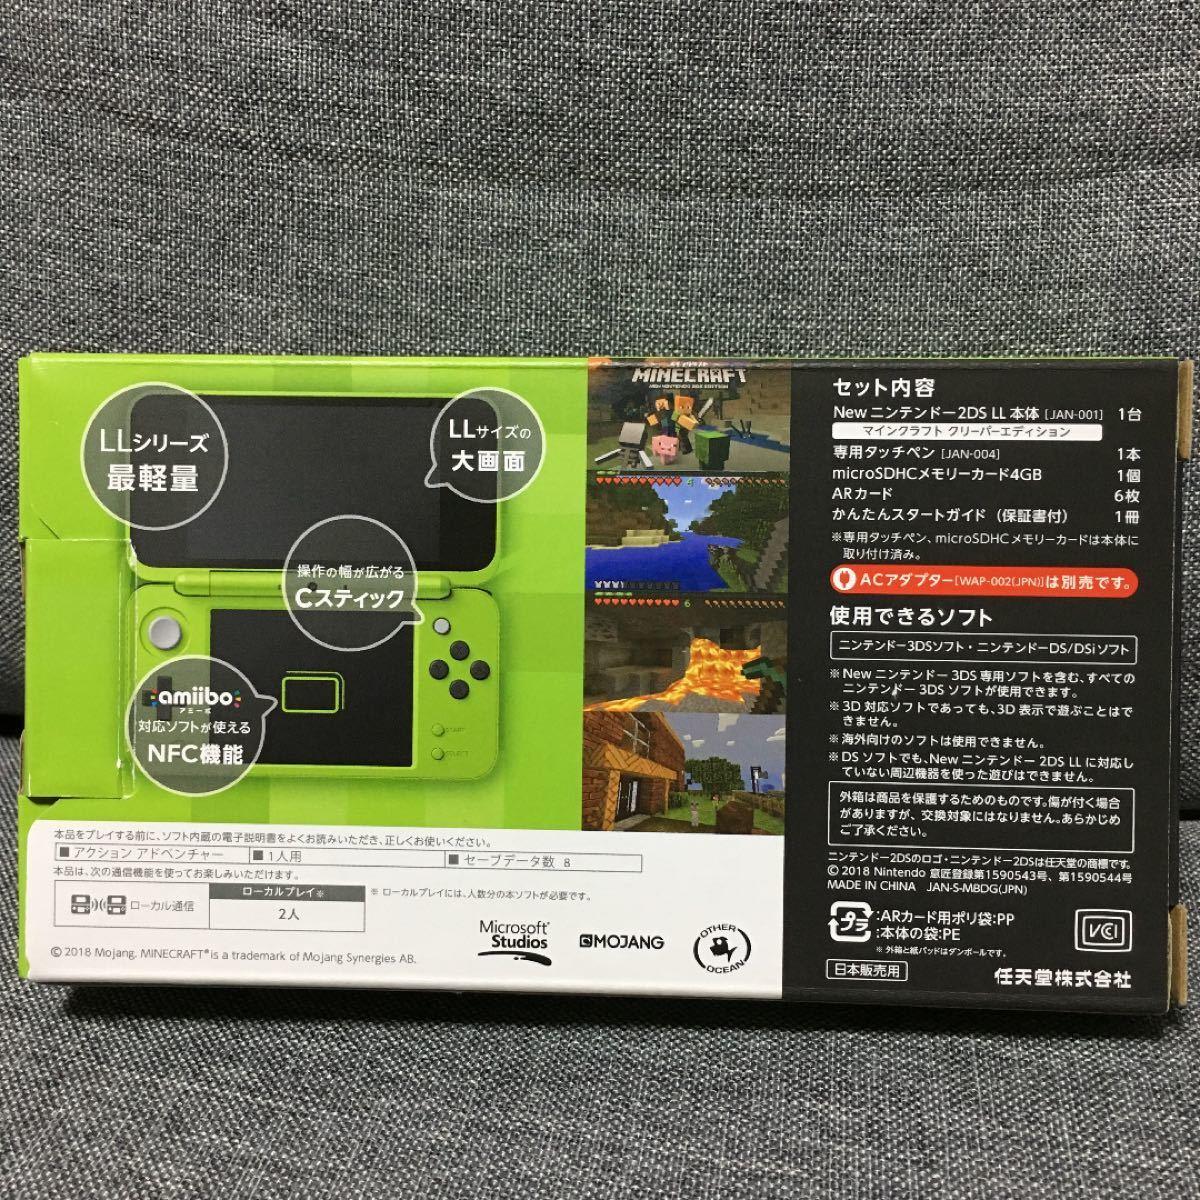 ☆ 任天堂[Newニンテンドー2DS LL MINECRAFT]新品未使用品☆